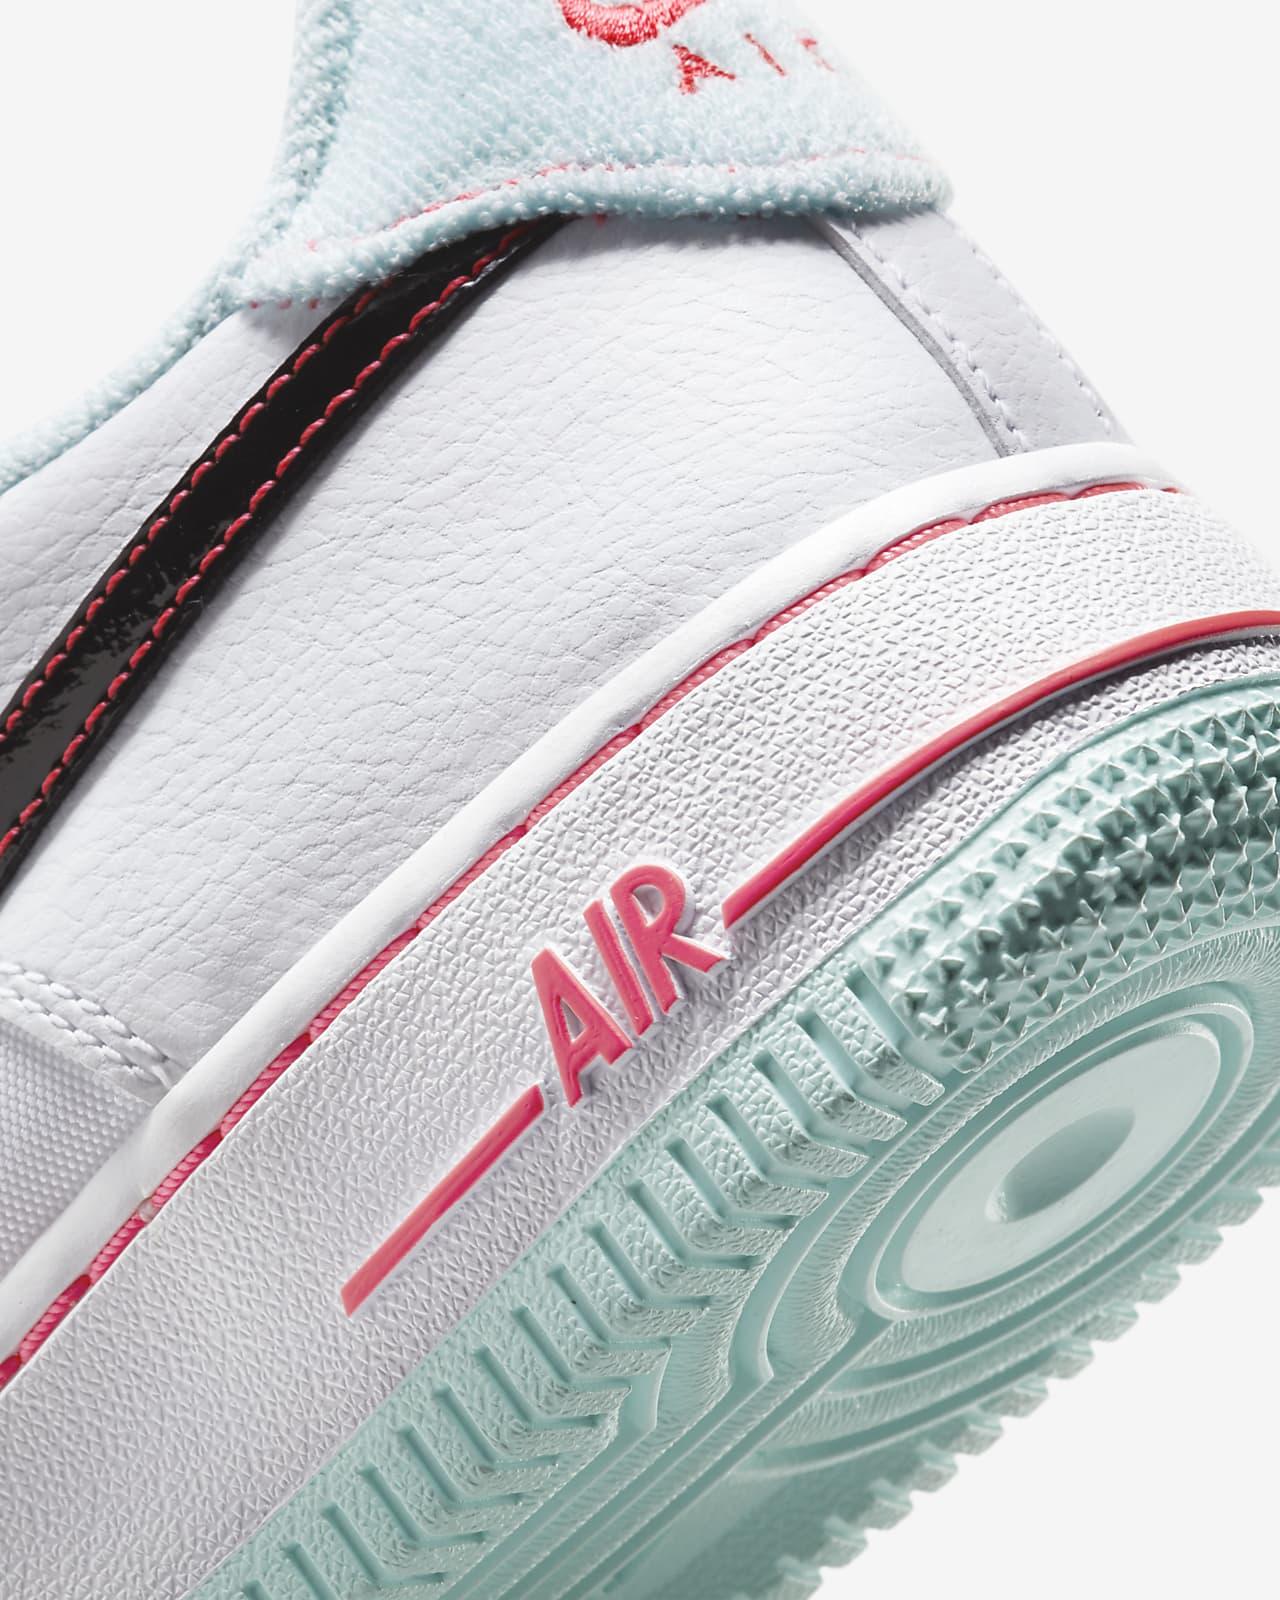 ナイキ エア フォース 1 ホワイト フラッシュ クリムゾン アトミック ピンク Nike Air Force 1 07 LV8 White Flash Crimson Atomic Pink DD7709-100 close heel